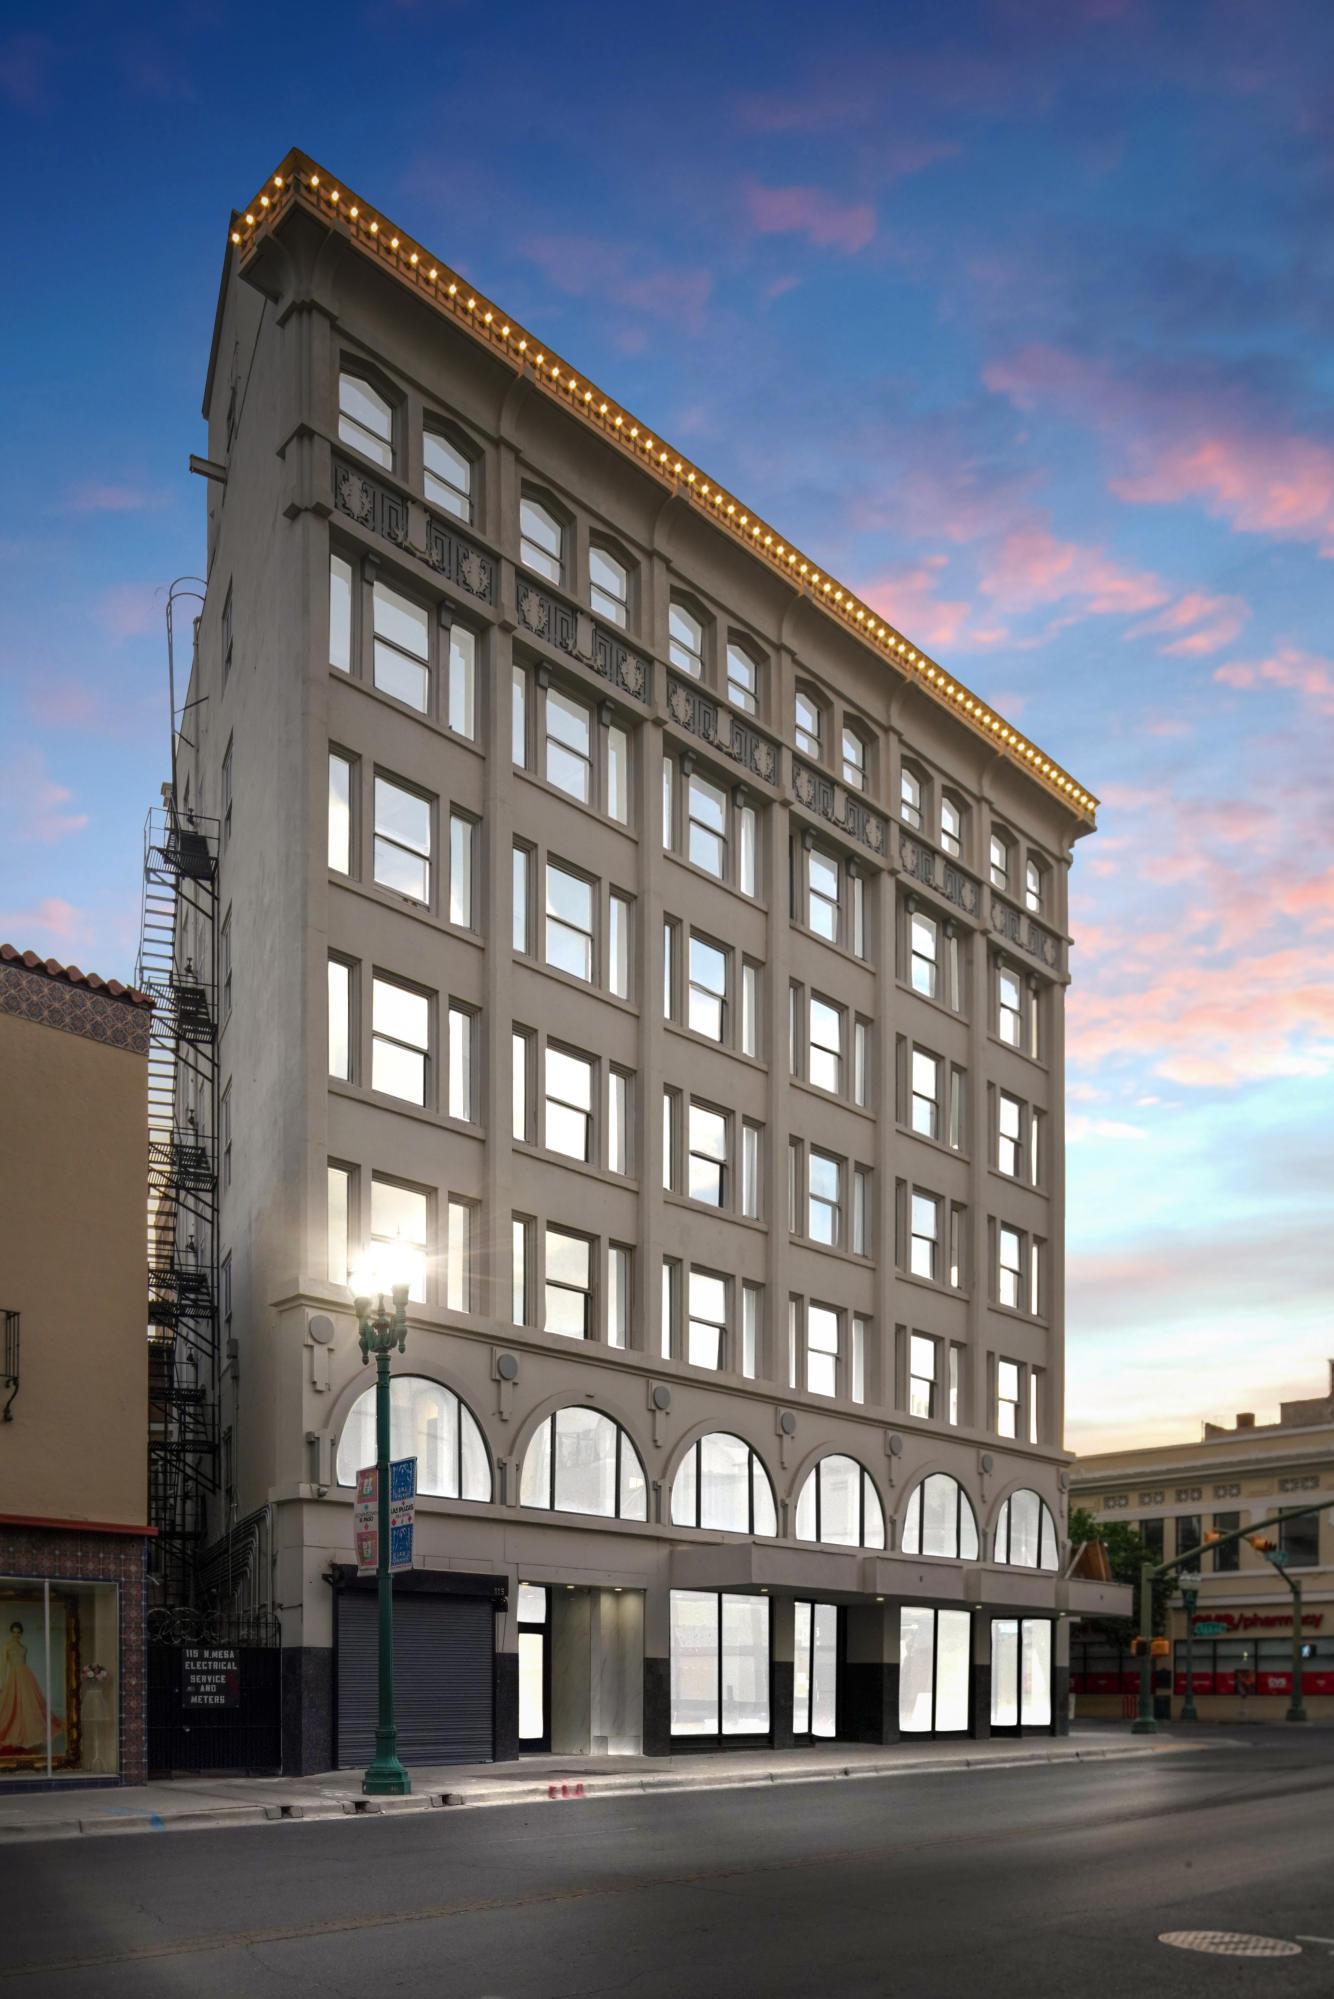 115 N Mesa, El Paso, Texas 79901, 3 Bedrooms Bedrooms, ,2 BathroomsBathrooms,Residential Rental,For Rent,N Mesa,819210